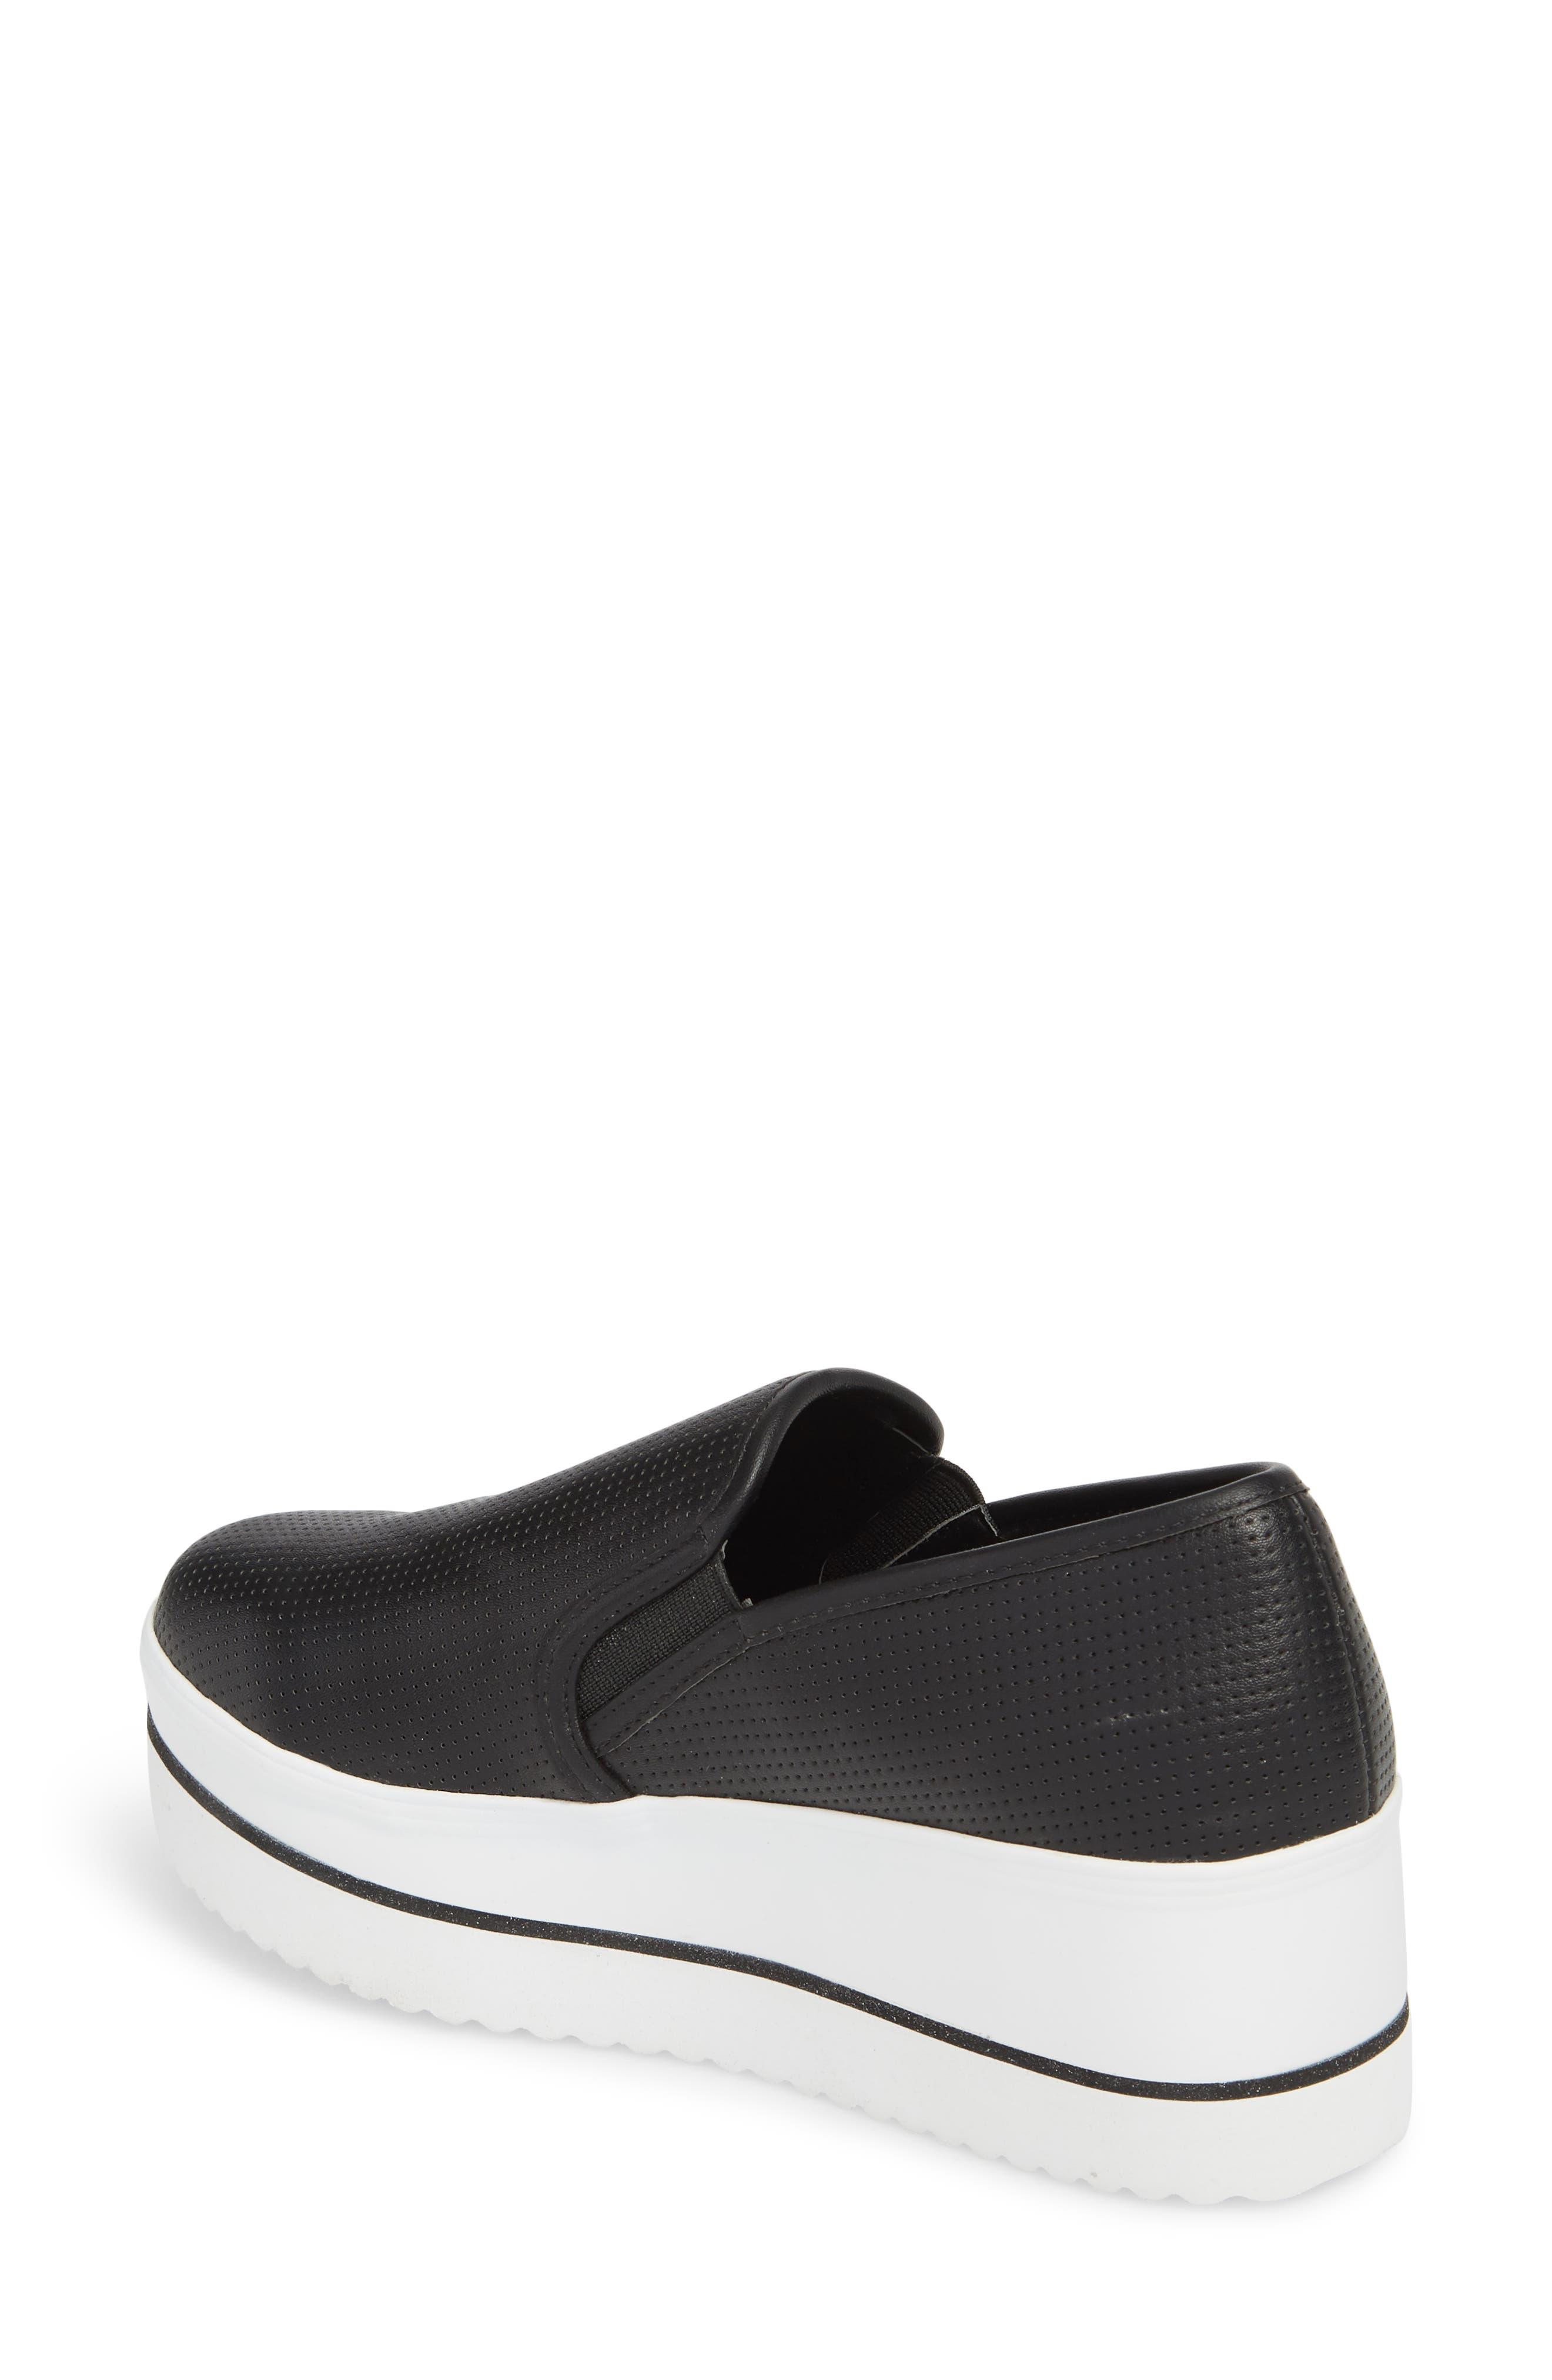 Becca Slip-On Sneaker,                             Alternate thumbnail 2, color,                             001